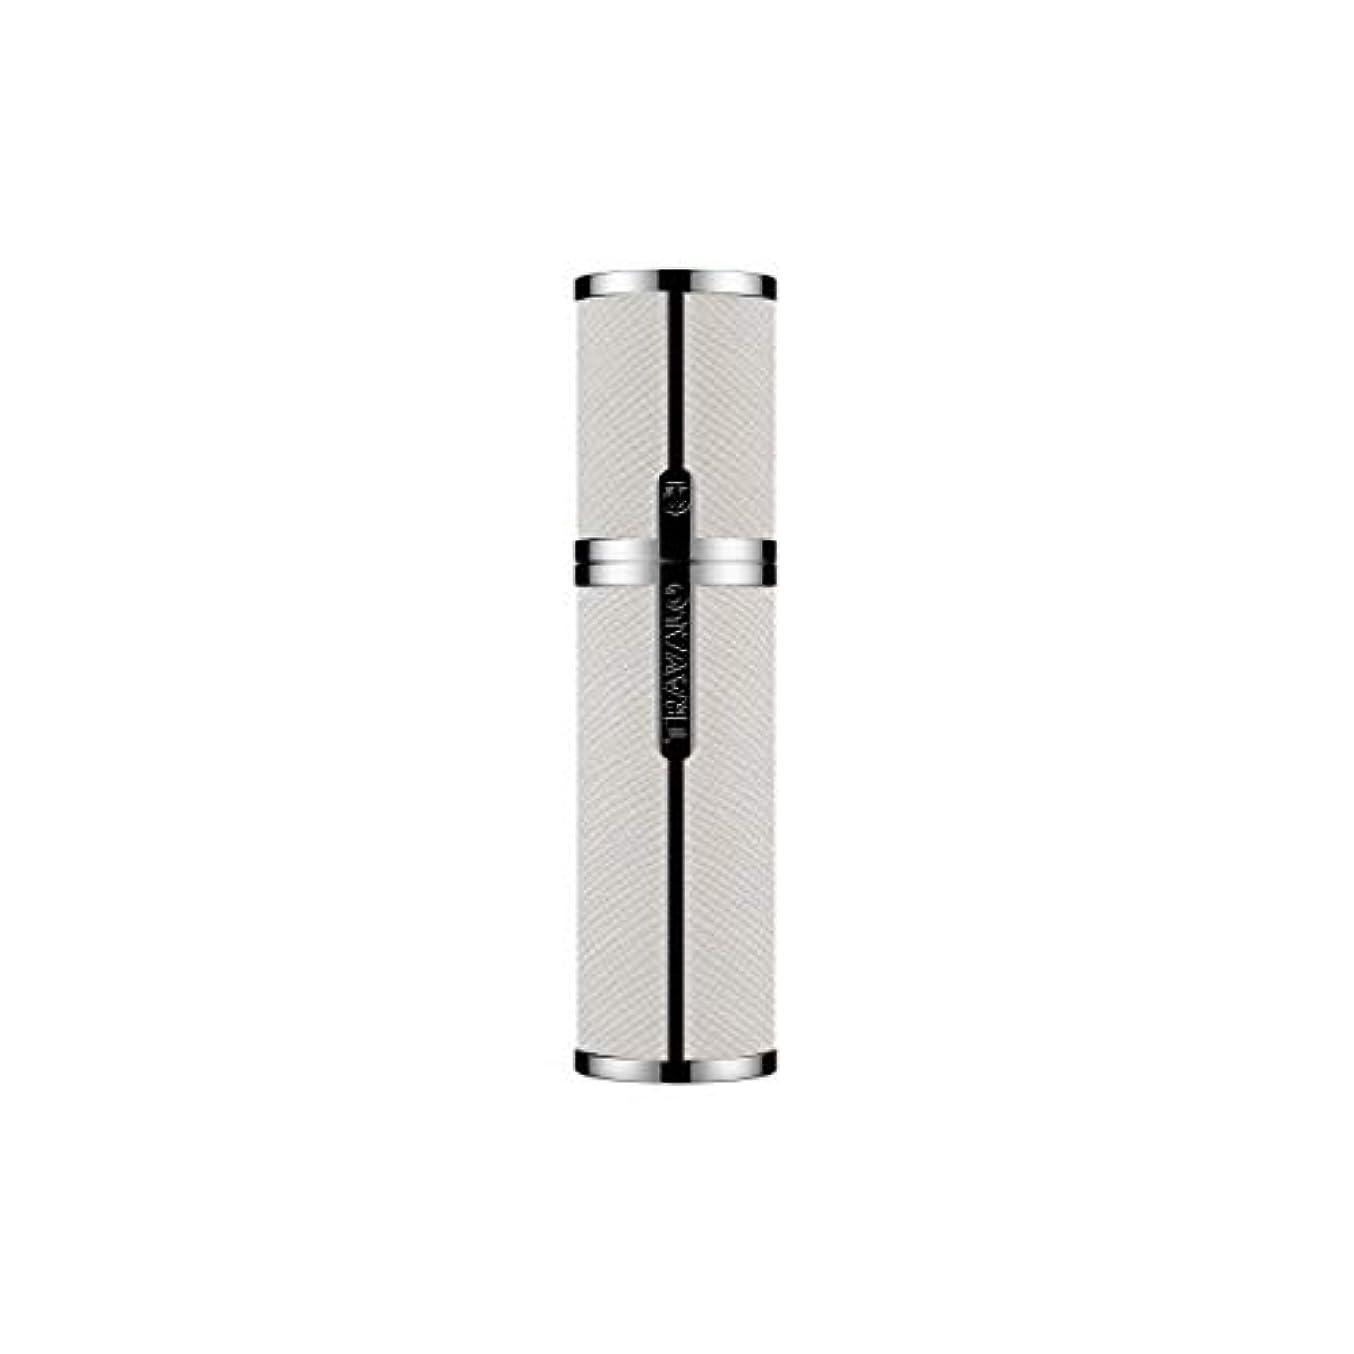 TRAVALO (トラヴァ―ロ) ミラノ アトマイザー ホワイト 香水 旅行 携帯 詰め替え ボトル 簡単 香水スプレー